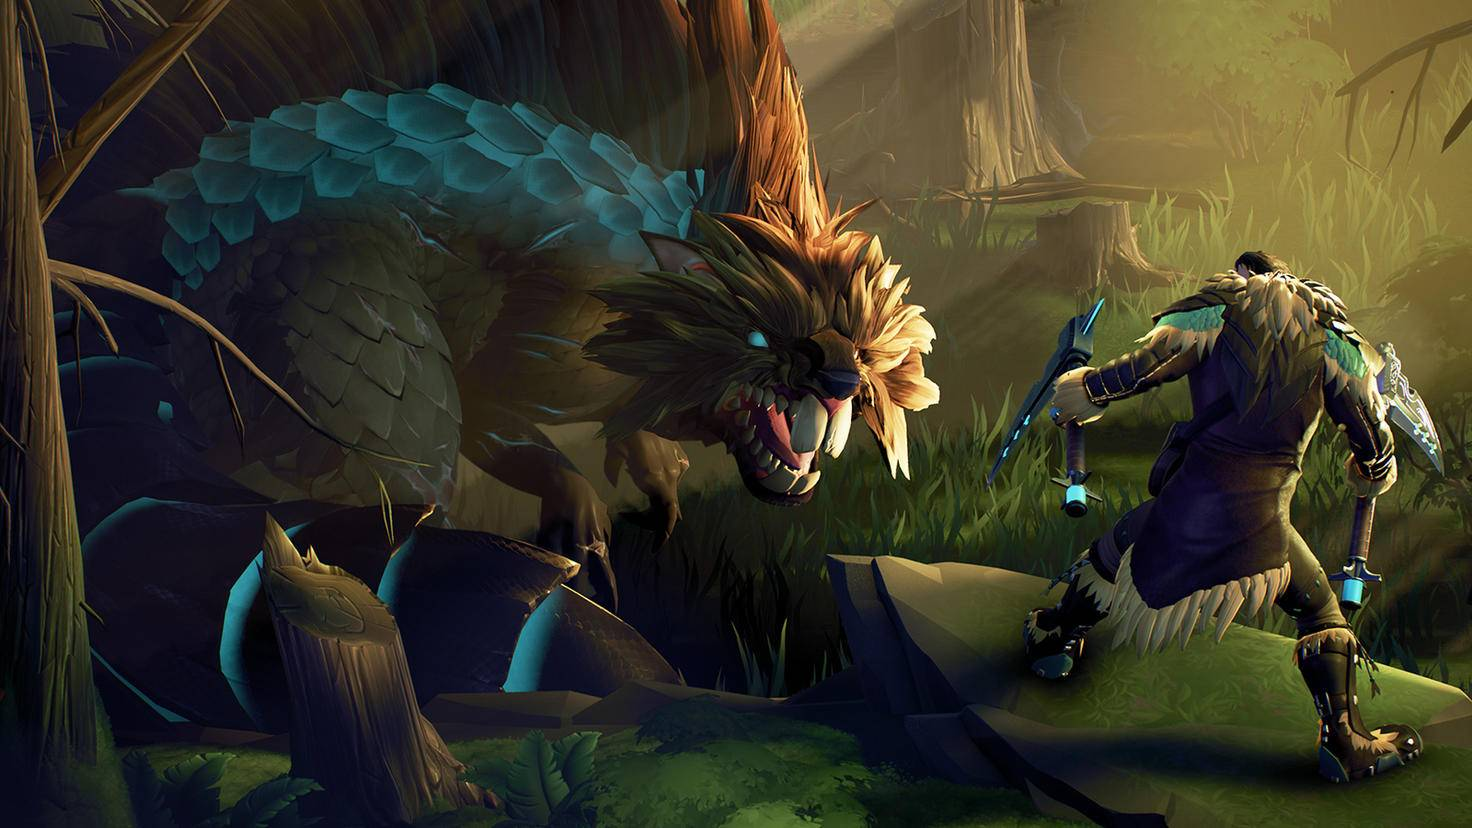 Der lange Schwanz des Gnashers kann echt nerven. Brich ihn, und das Monster ist ein gutes Stück kürzer – und leichter zu besiegen.